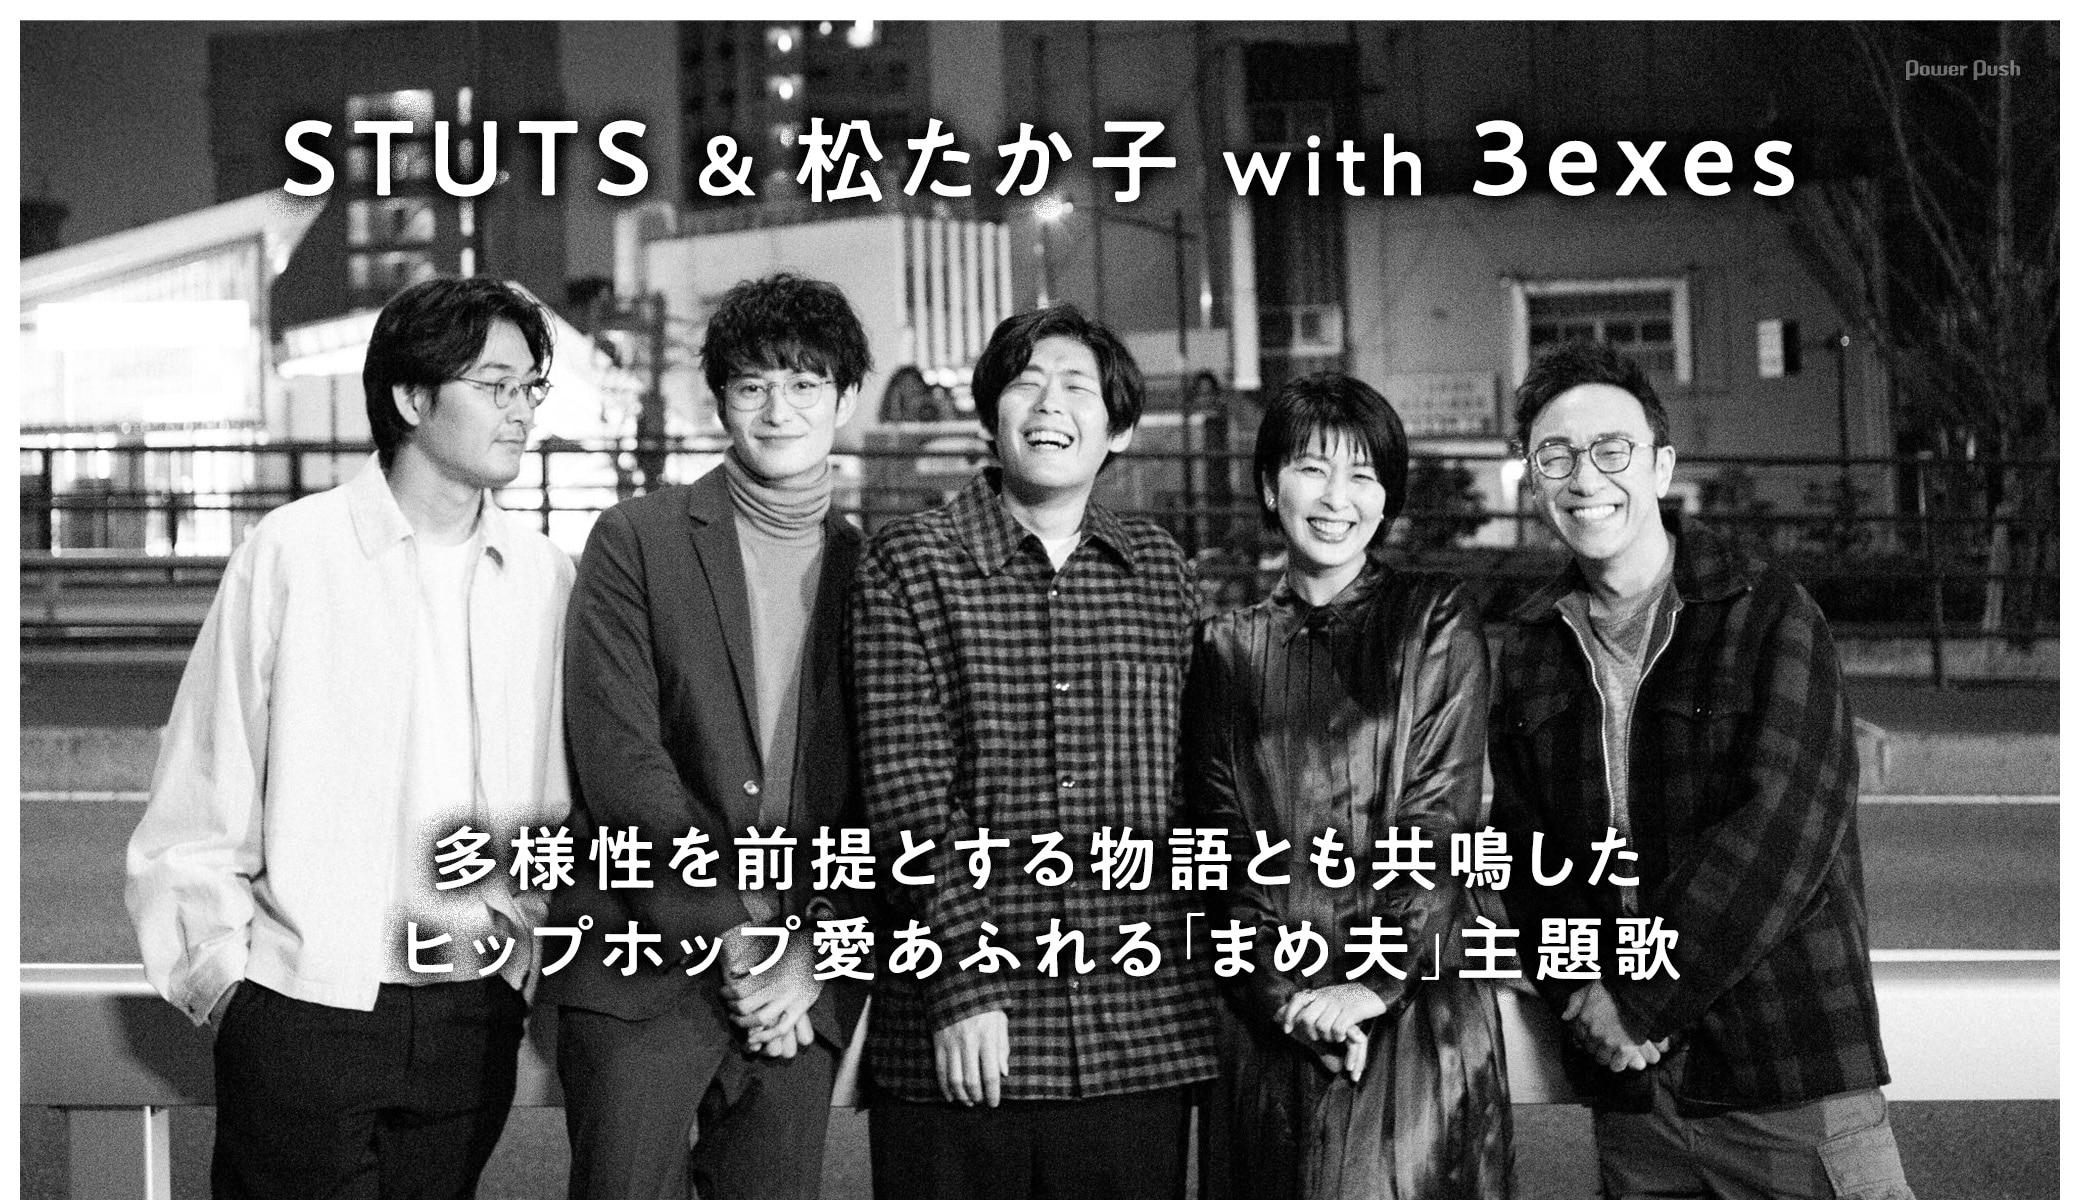 STUTS & 松たか子 with 3exes|多様性を前提とする物語とも共鳴したヒップホップ愛あふれる「大豆田とわ子と三人の元夫」主題歌「Presence」